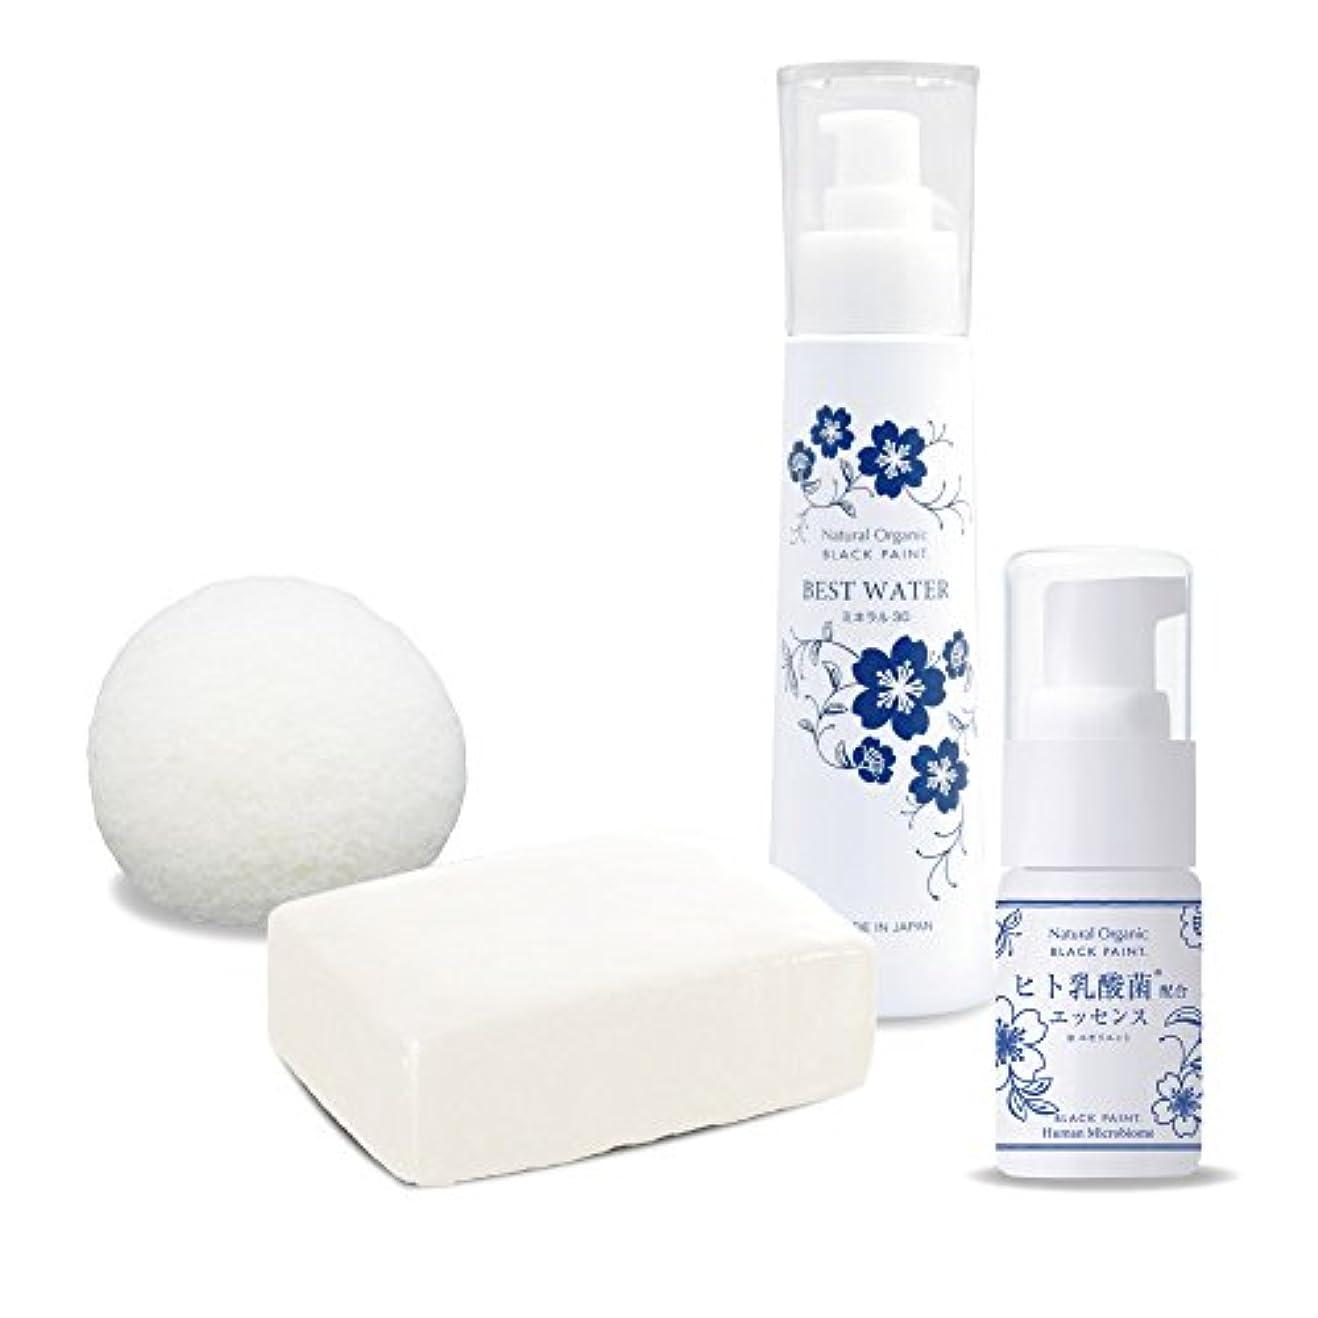 ソーシャル値下げもっとヒト乳酸菌エッセンス10ml&ホワイトペイント60g&ホワイトスポンジミニ&ベストウォーター100ml 洗顔セット